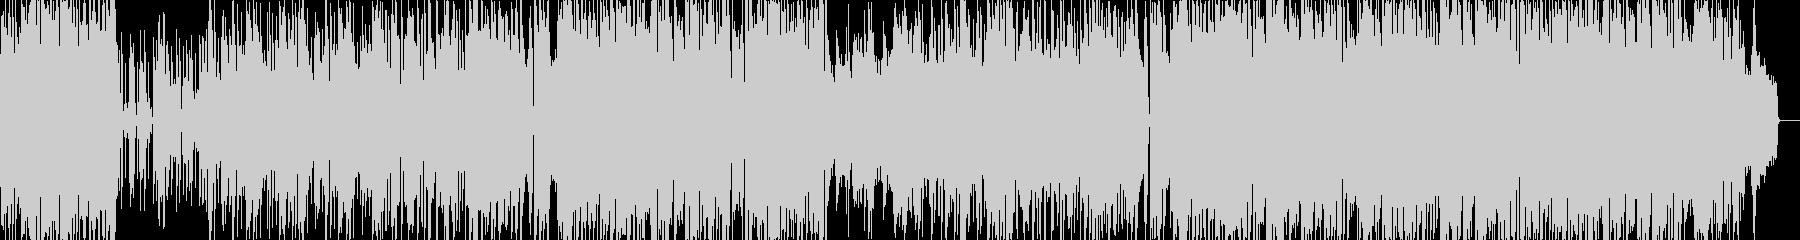 ポップオーケストラ元気ピアノ企業PVの未再生の波形